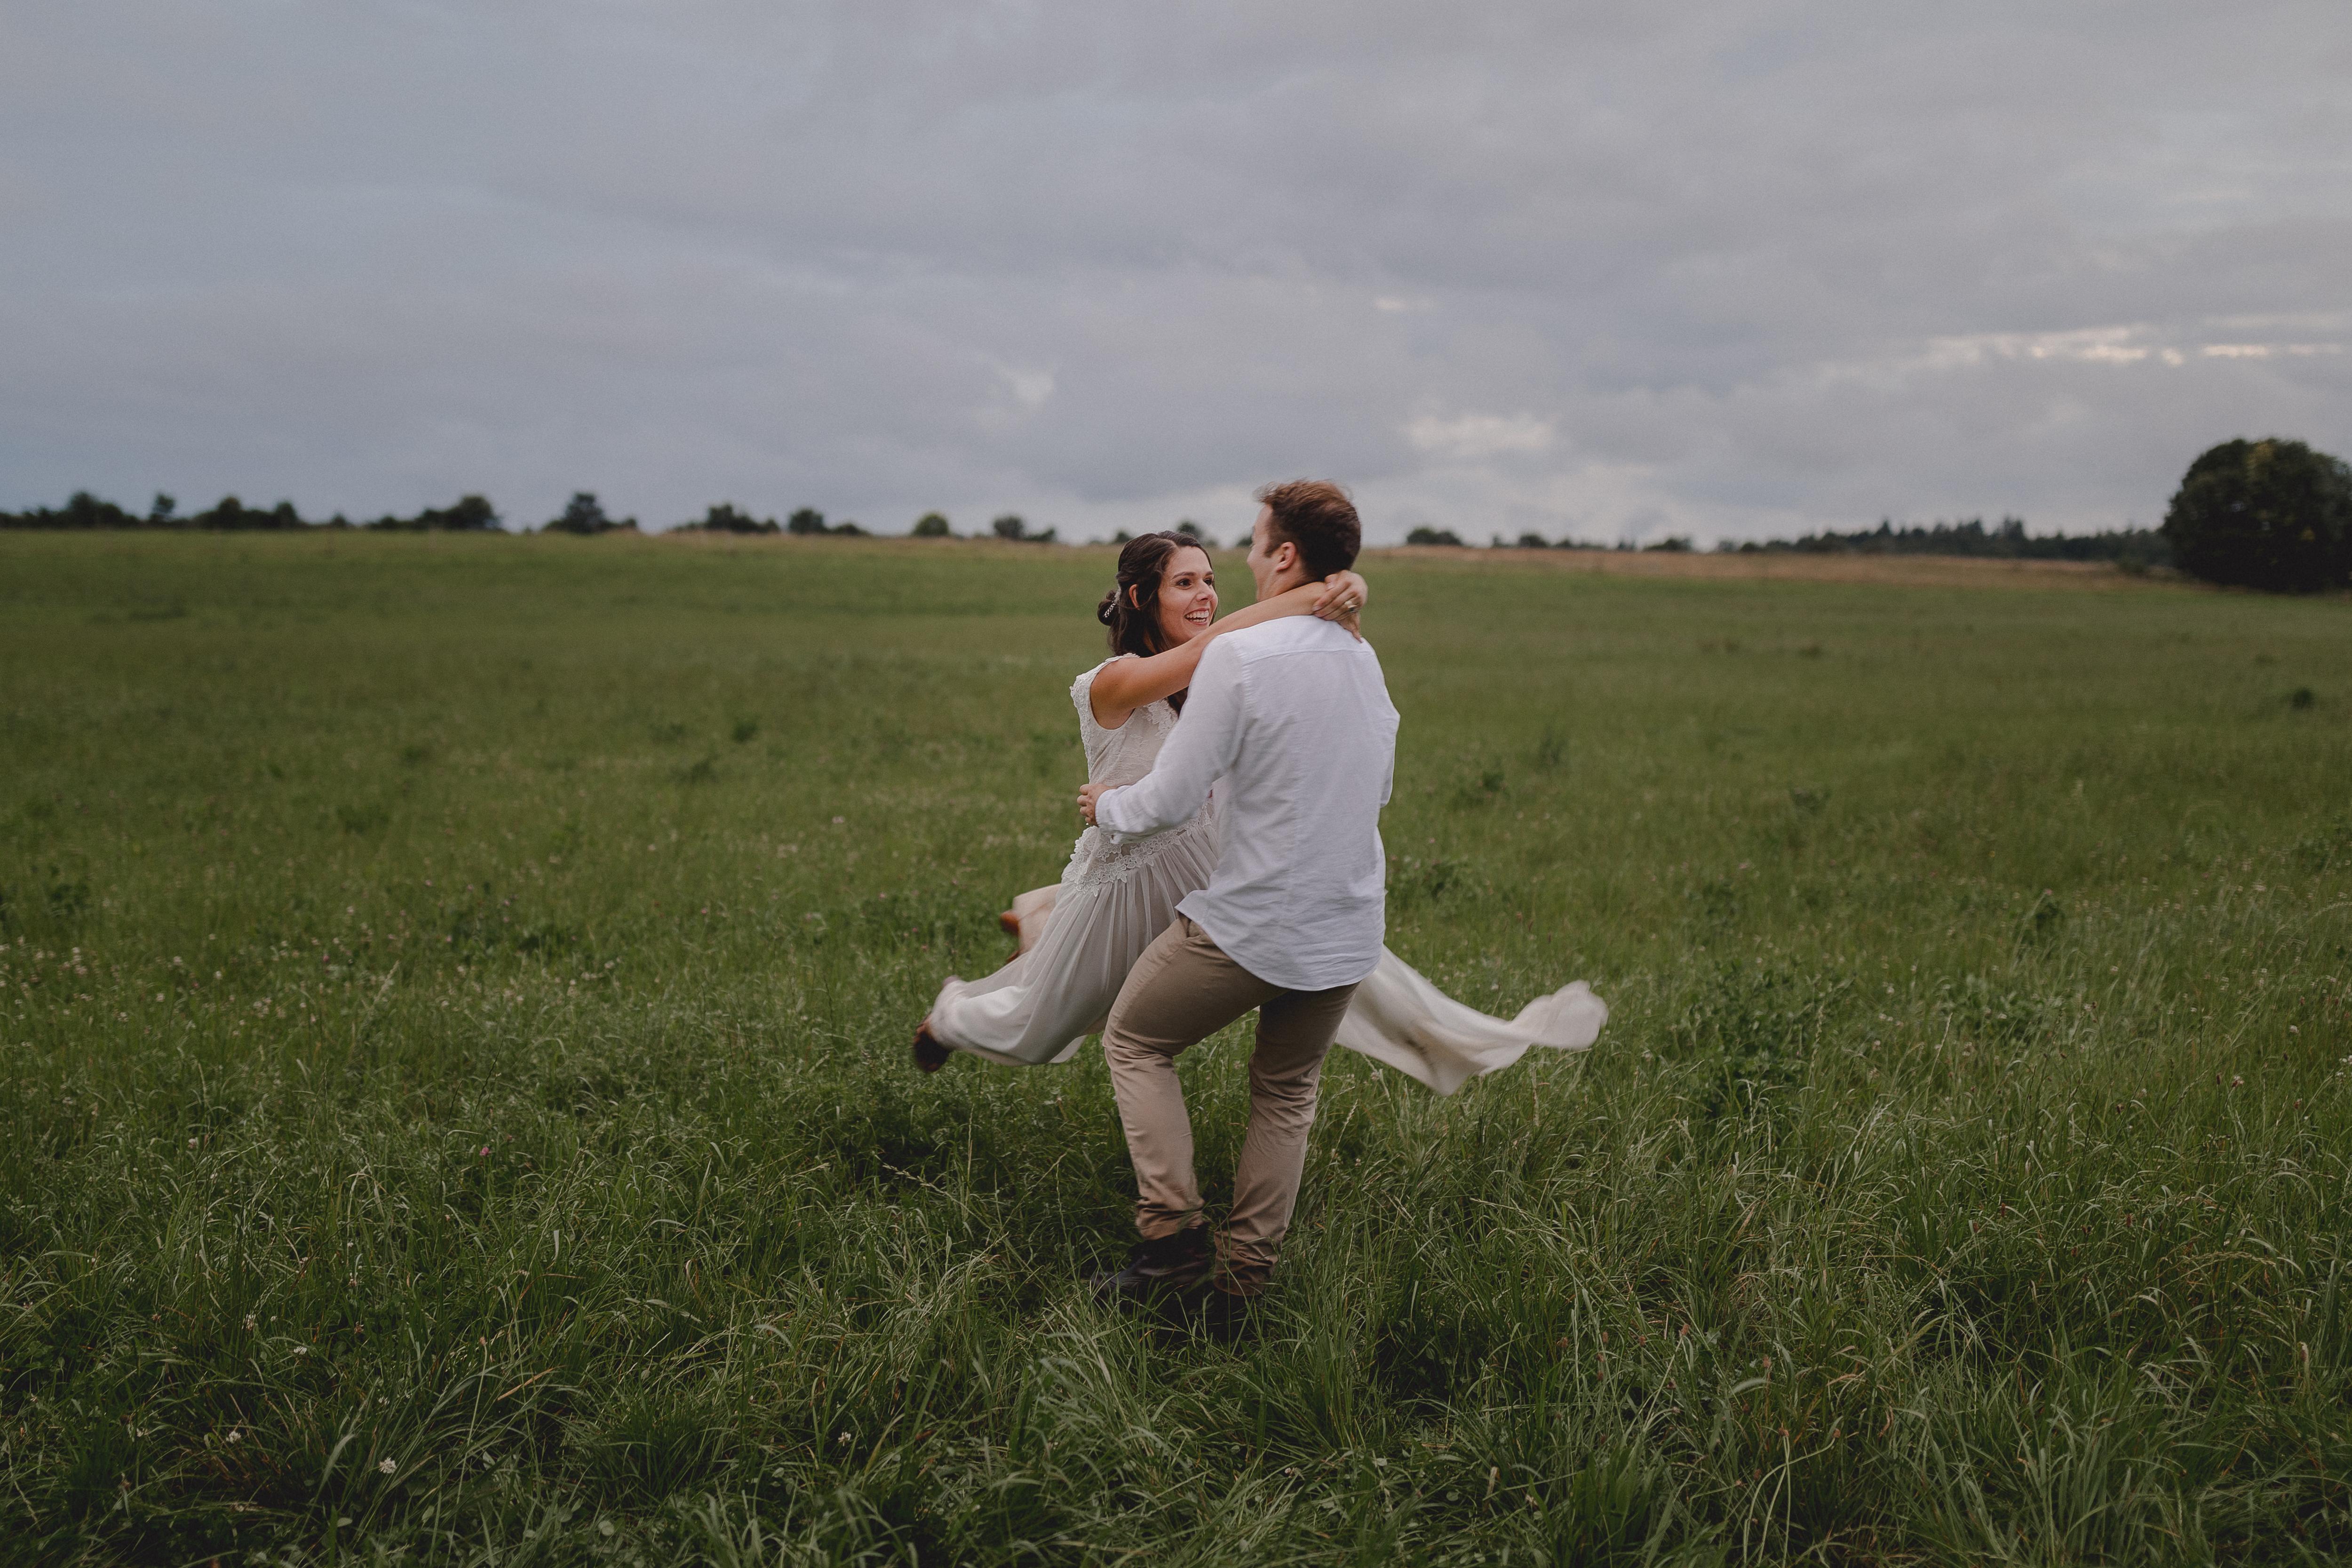 URBANERIE_Daniela_Goth_Vintage_Hochzeitsfotografin_Nuernberg_Fuerth_Erlangen_180721_0329